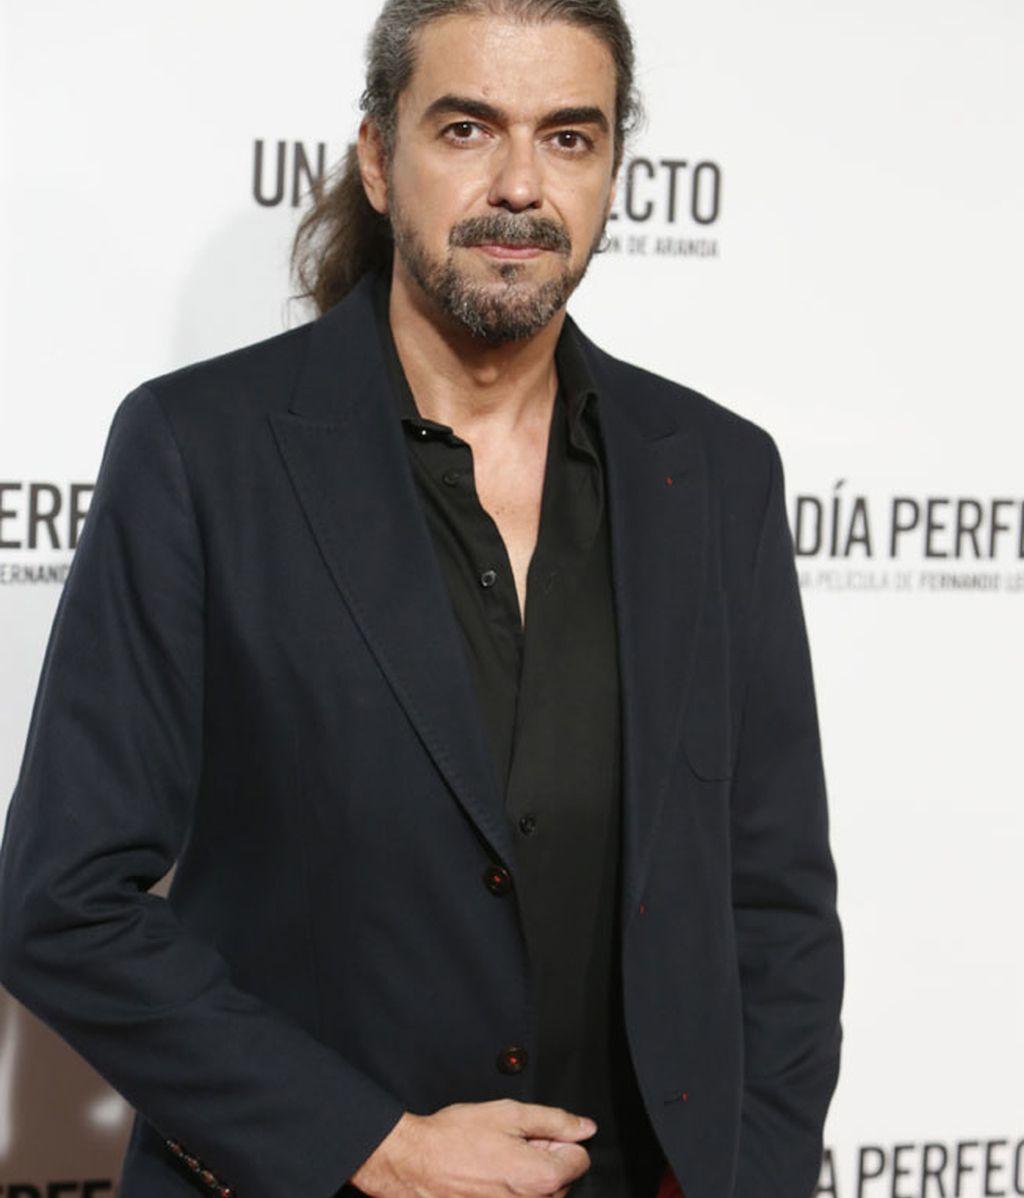 El director de la película, Fernando León de Aranoa